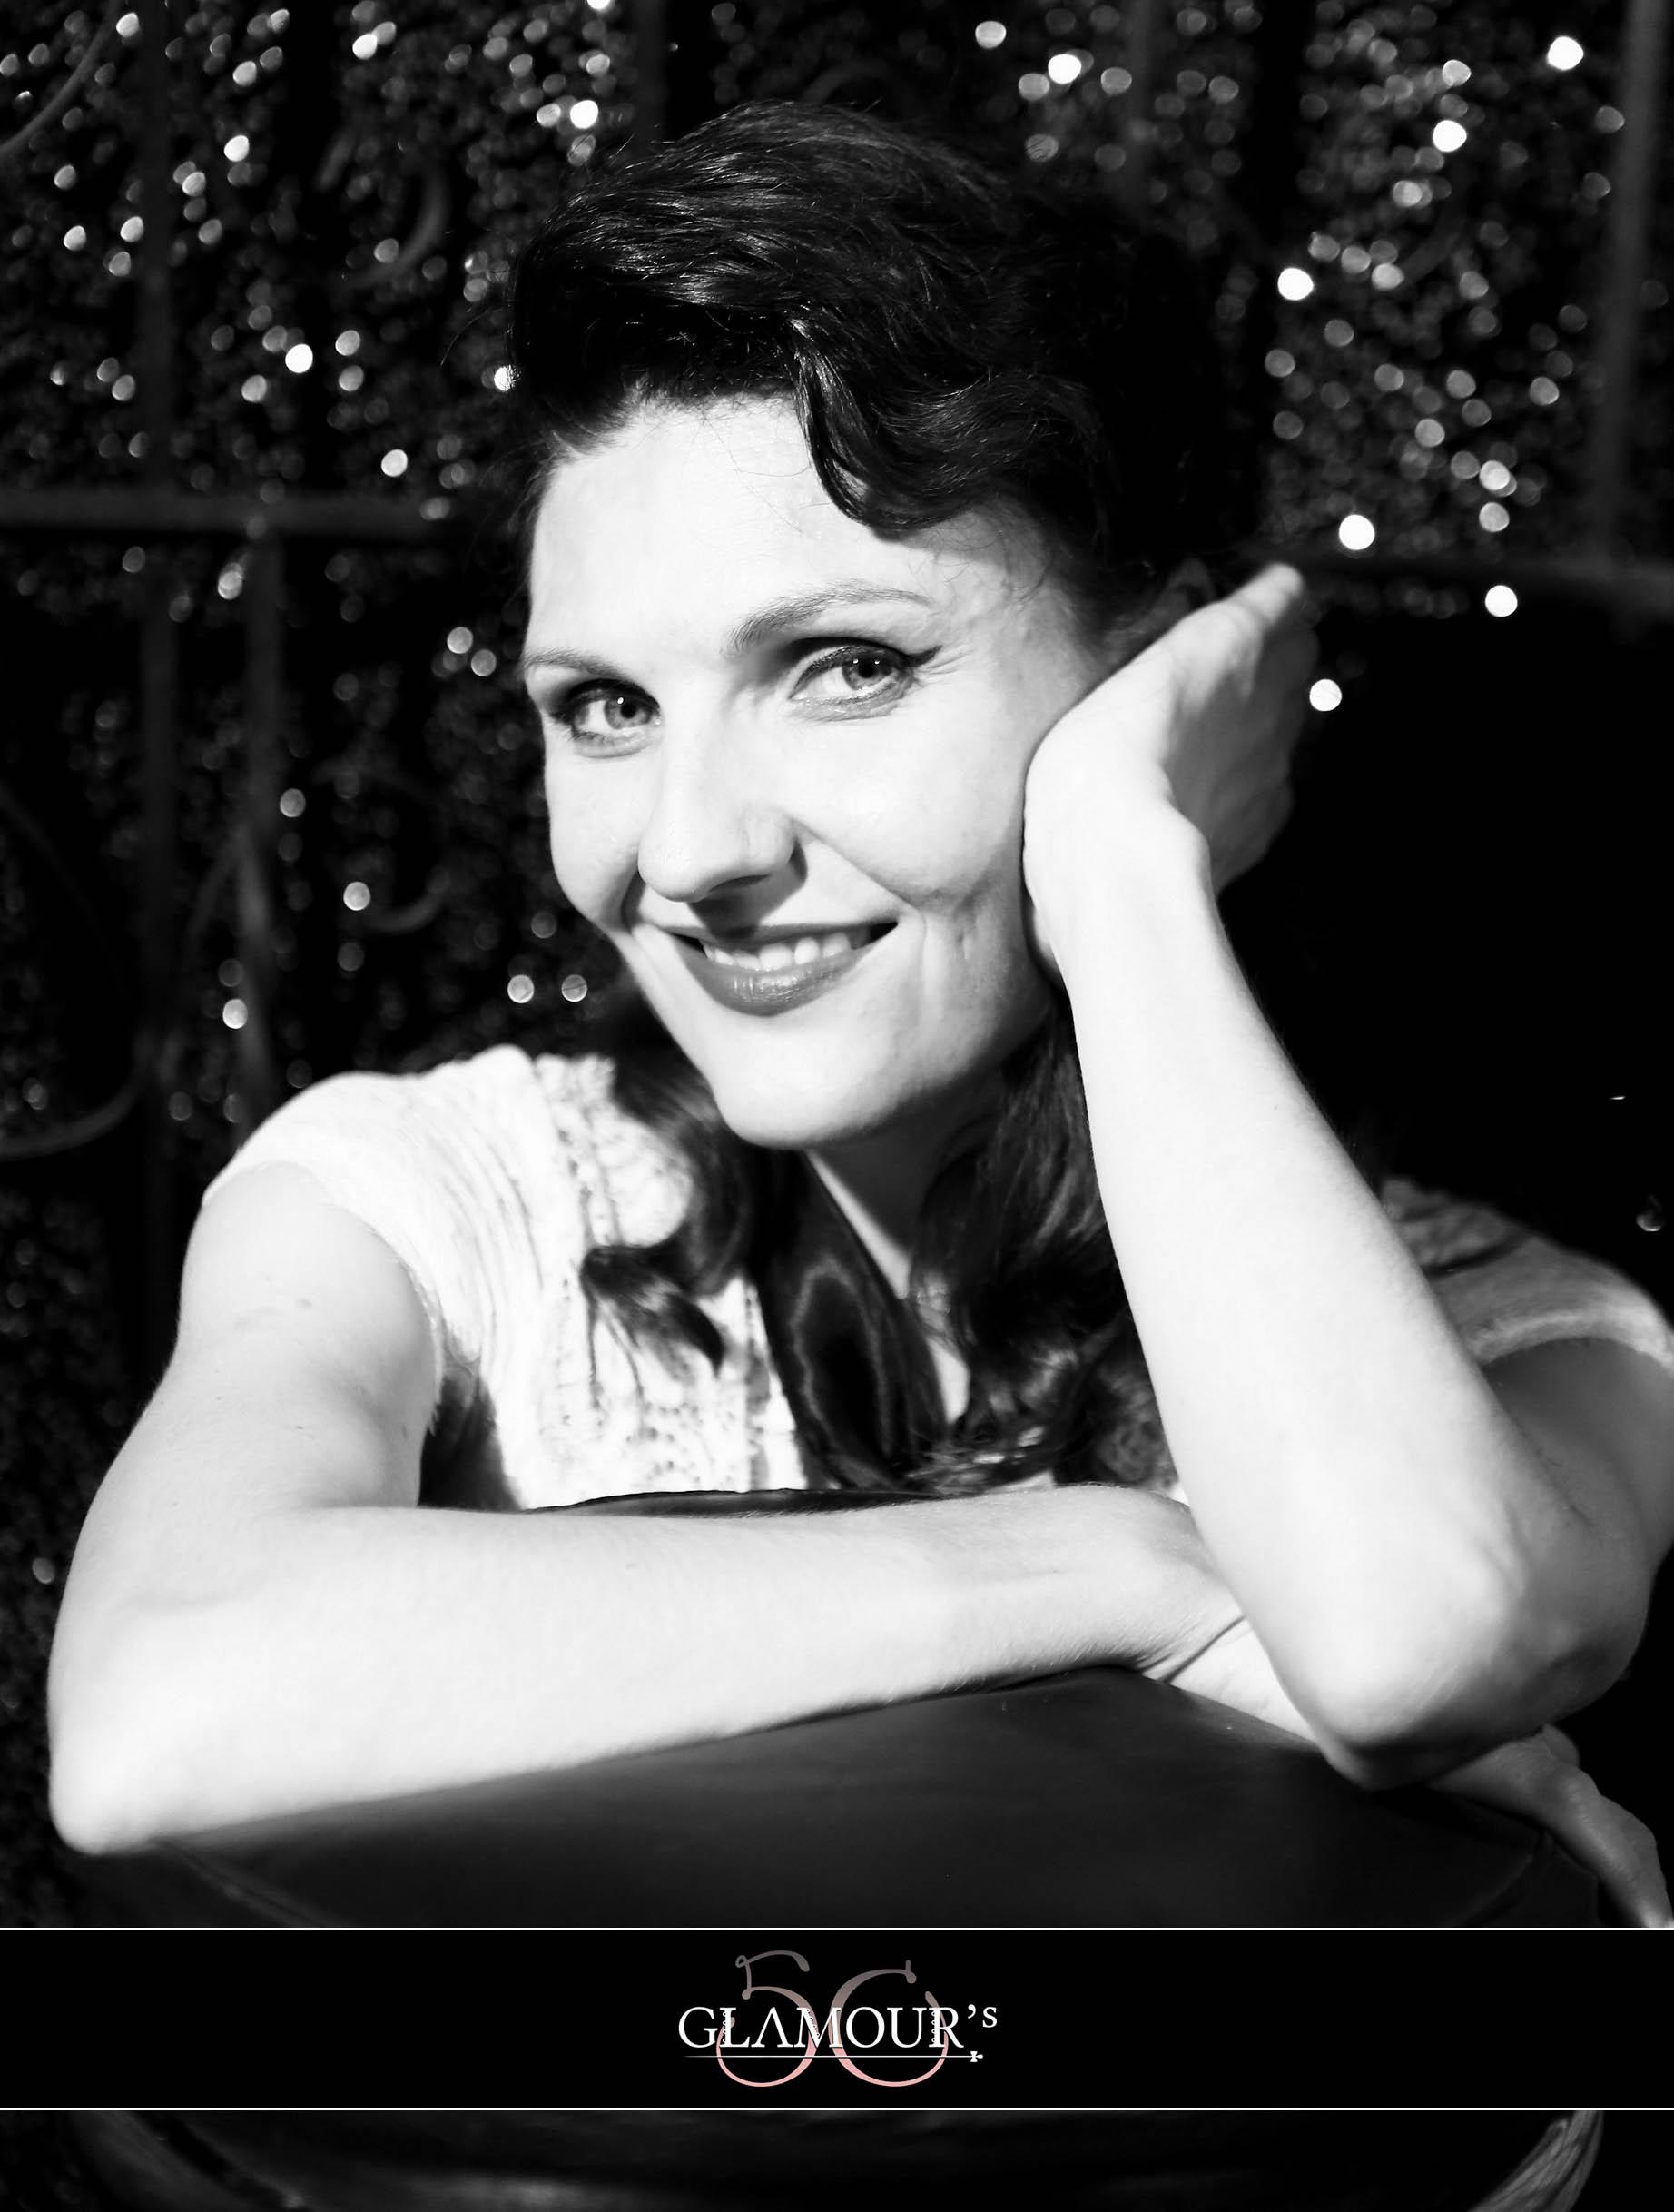 Juliette-sarre-miss-glamour-septembre